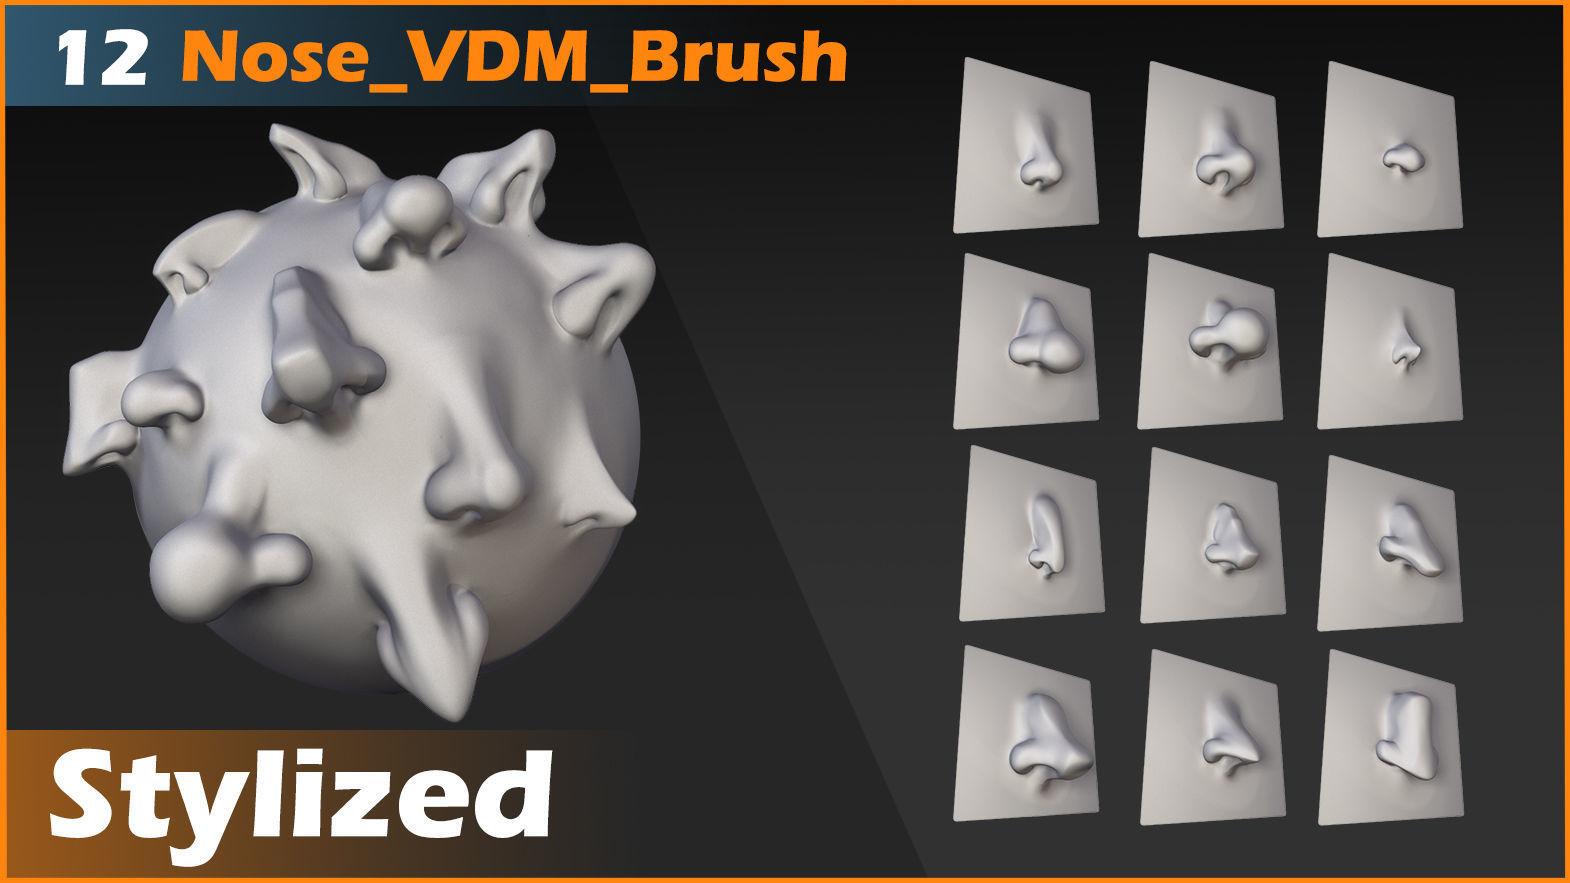 Noses 12 Stylized VDM Brush